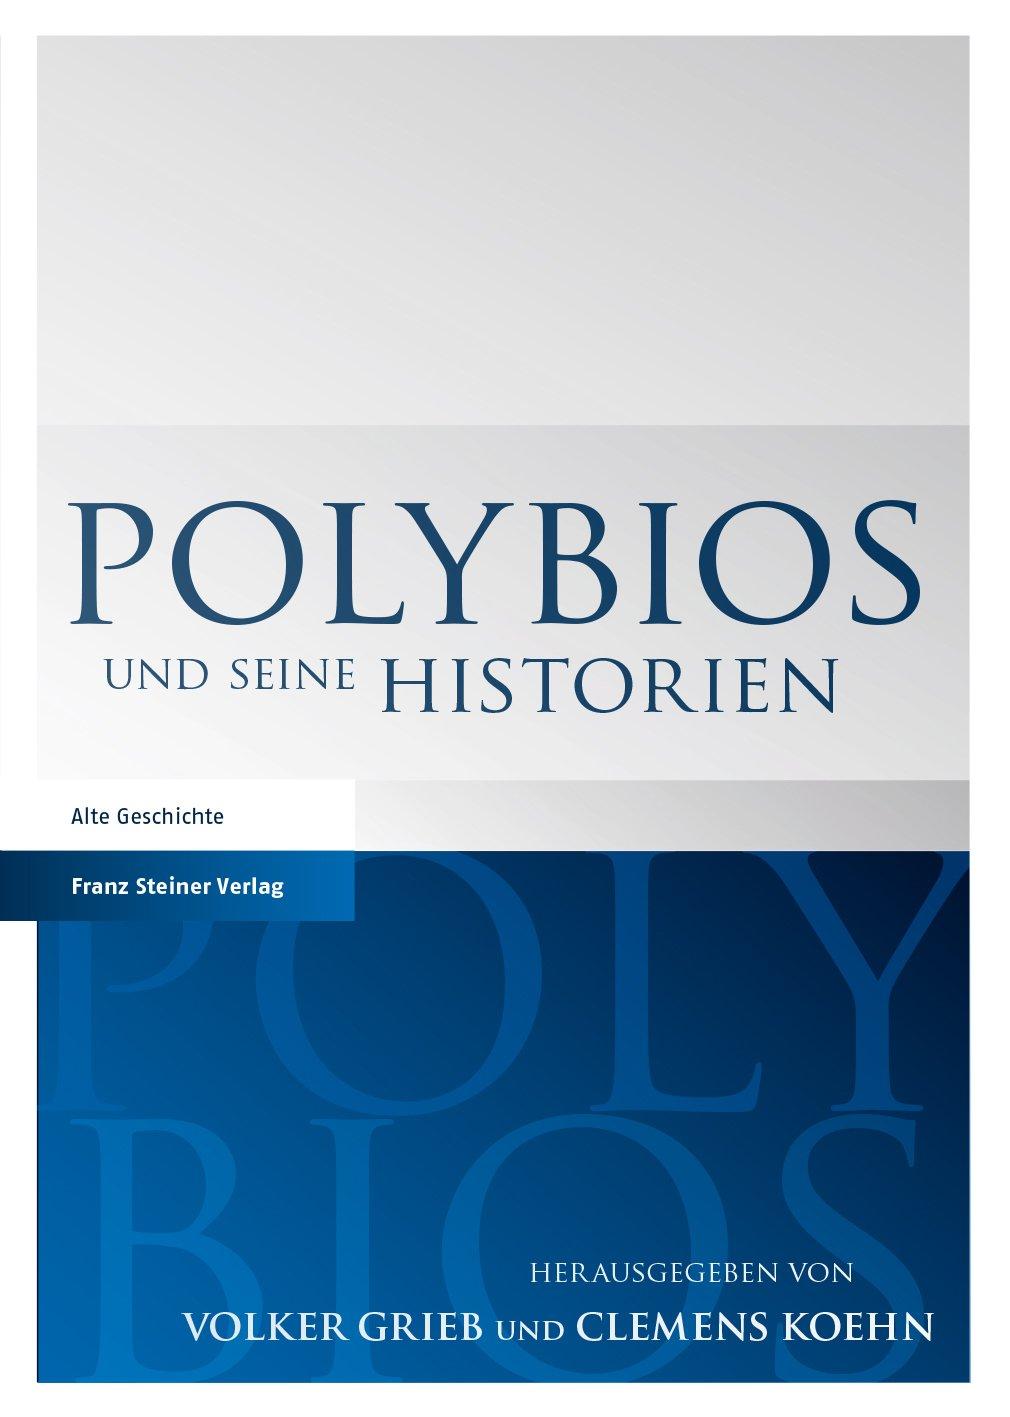 Polybios und seine Historien, Volker Grieb